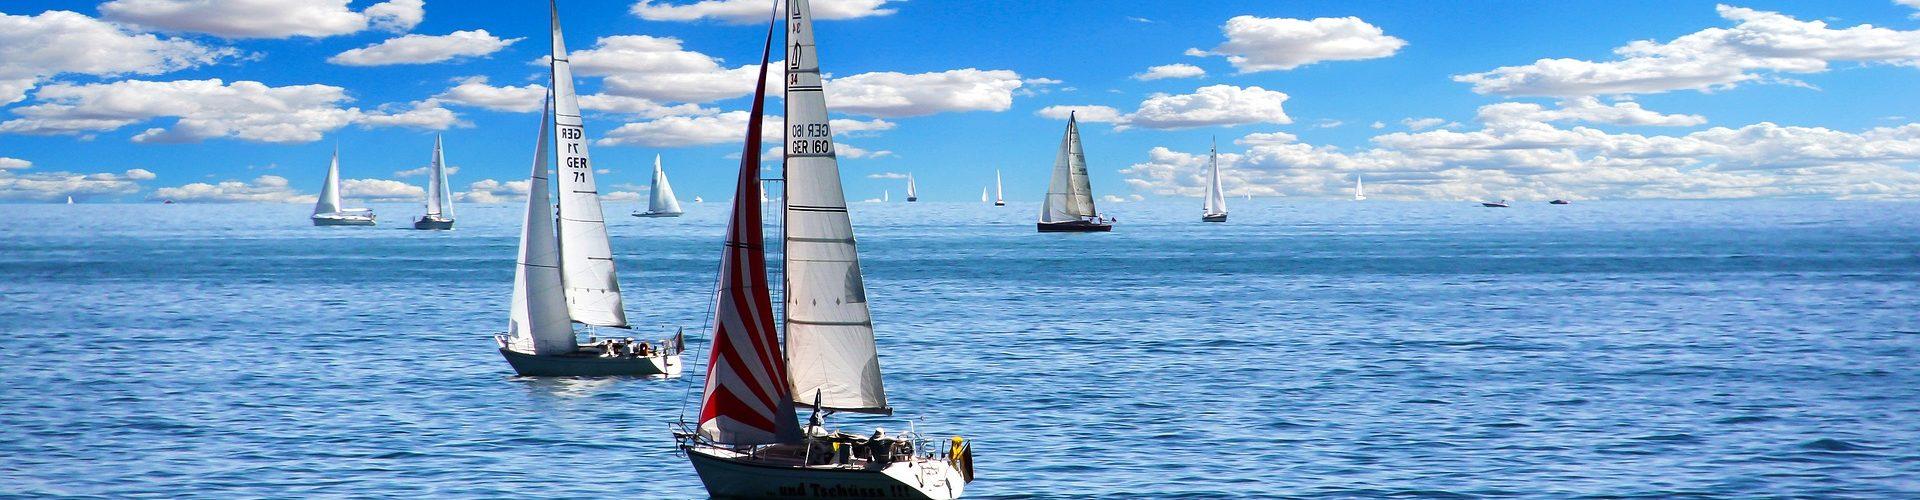 segeln lernen in Hitzacker Pussade segelschein machen in Hitzacker Pussade 1920x500 - Segeln lernen in Hitzacker Pussade